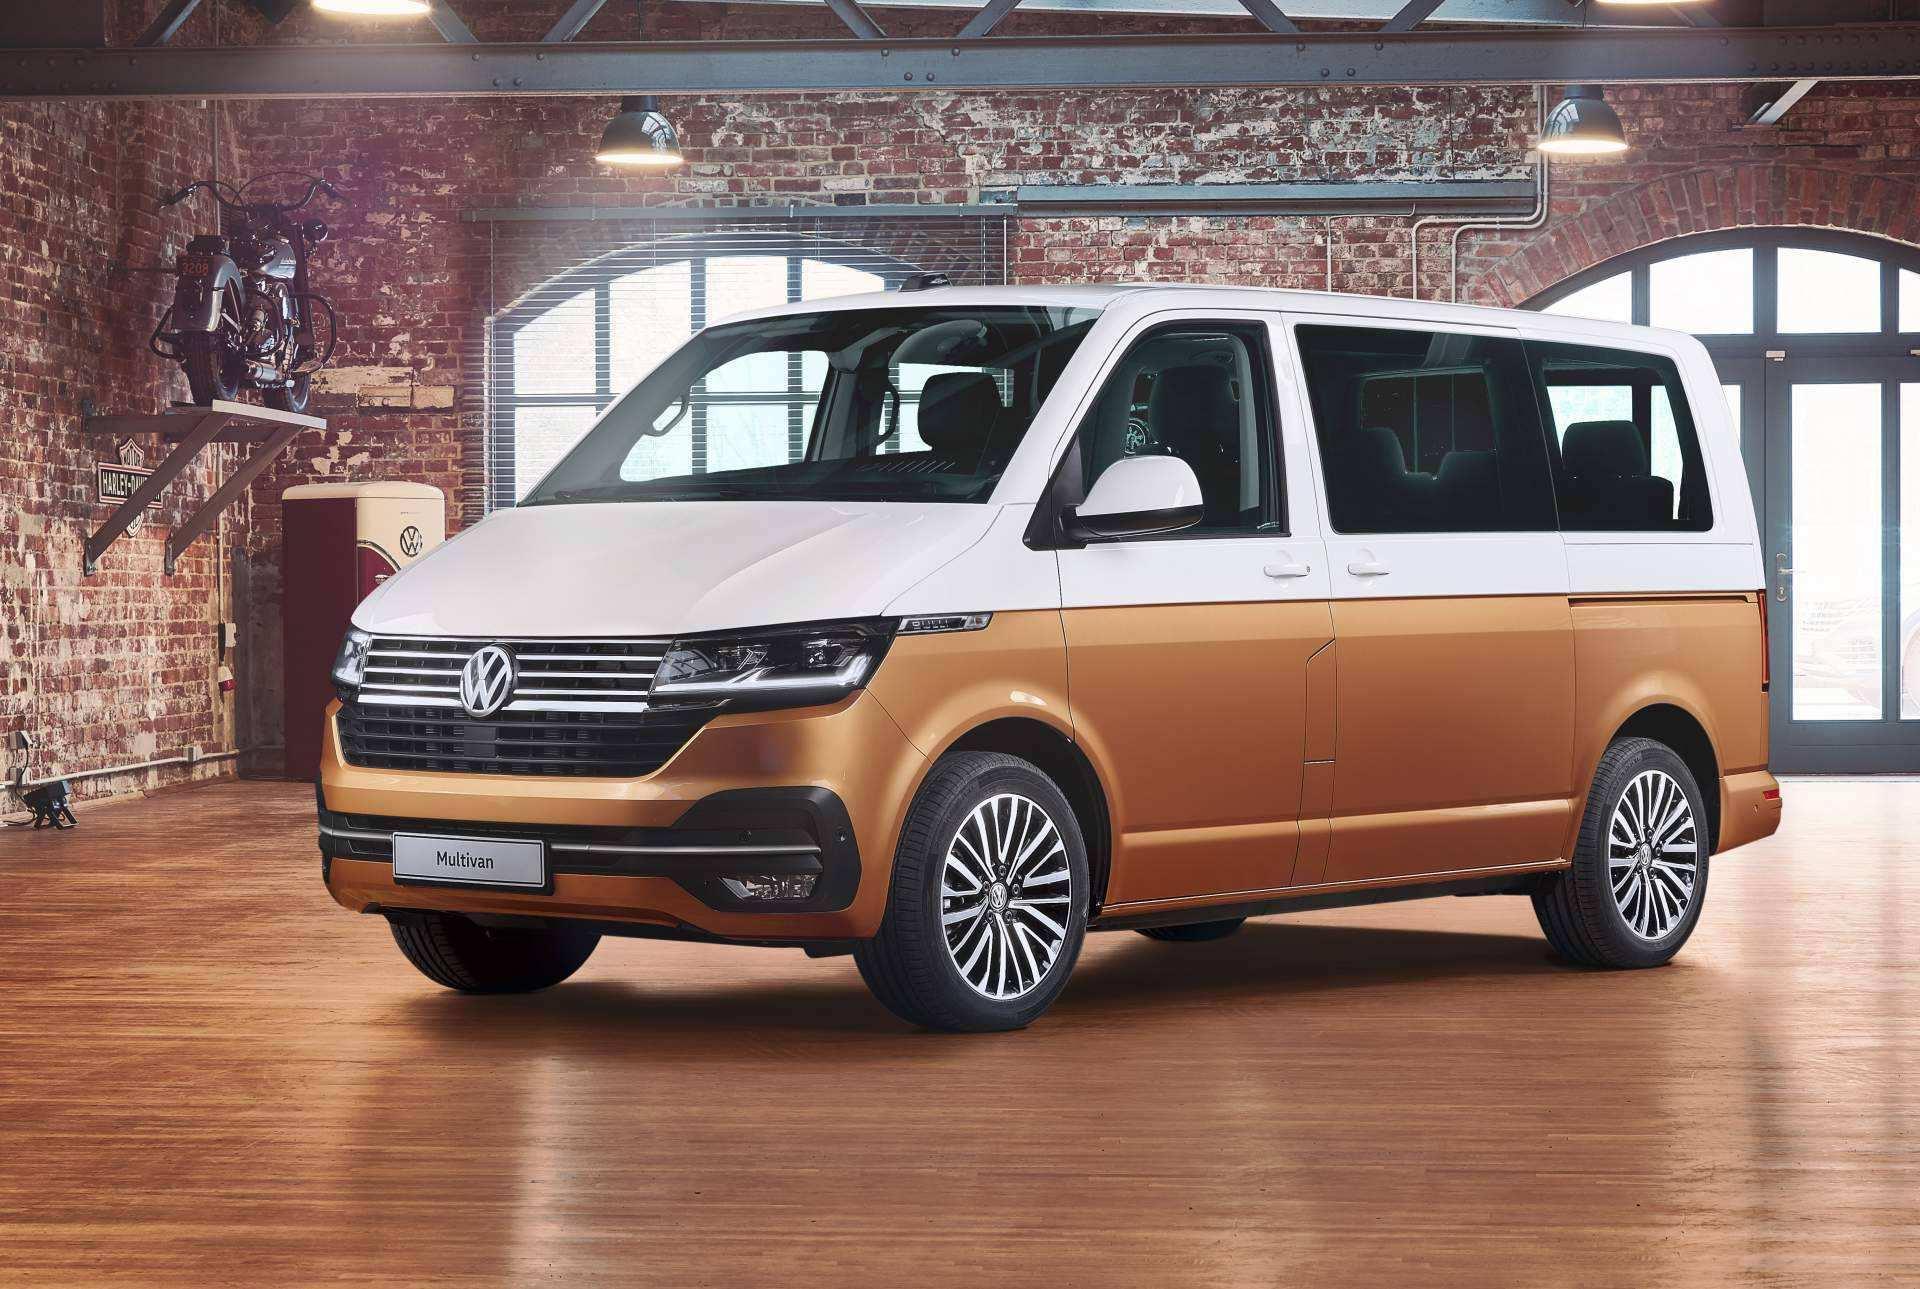 66 Concept of Volkswagen Minibus 2020 Release Date with Volkswagen Minibus 2020